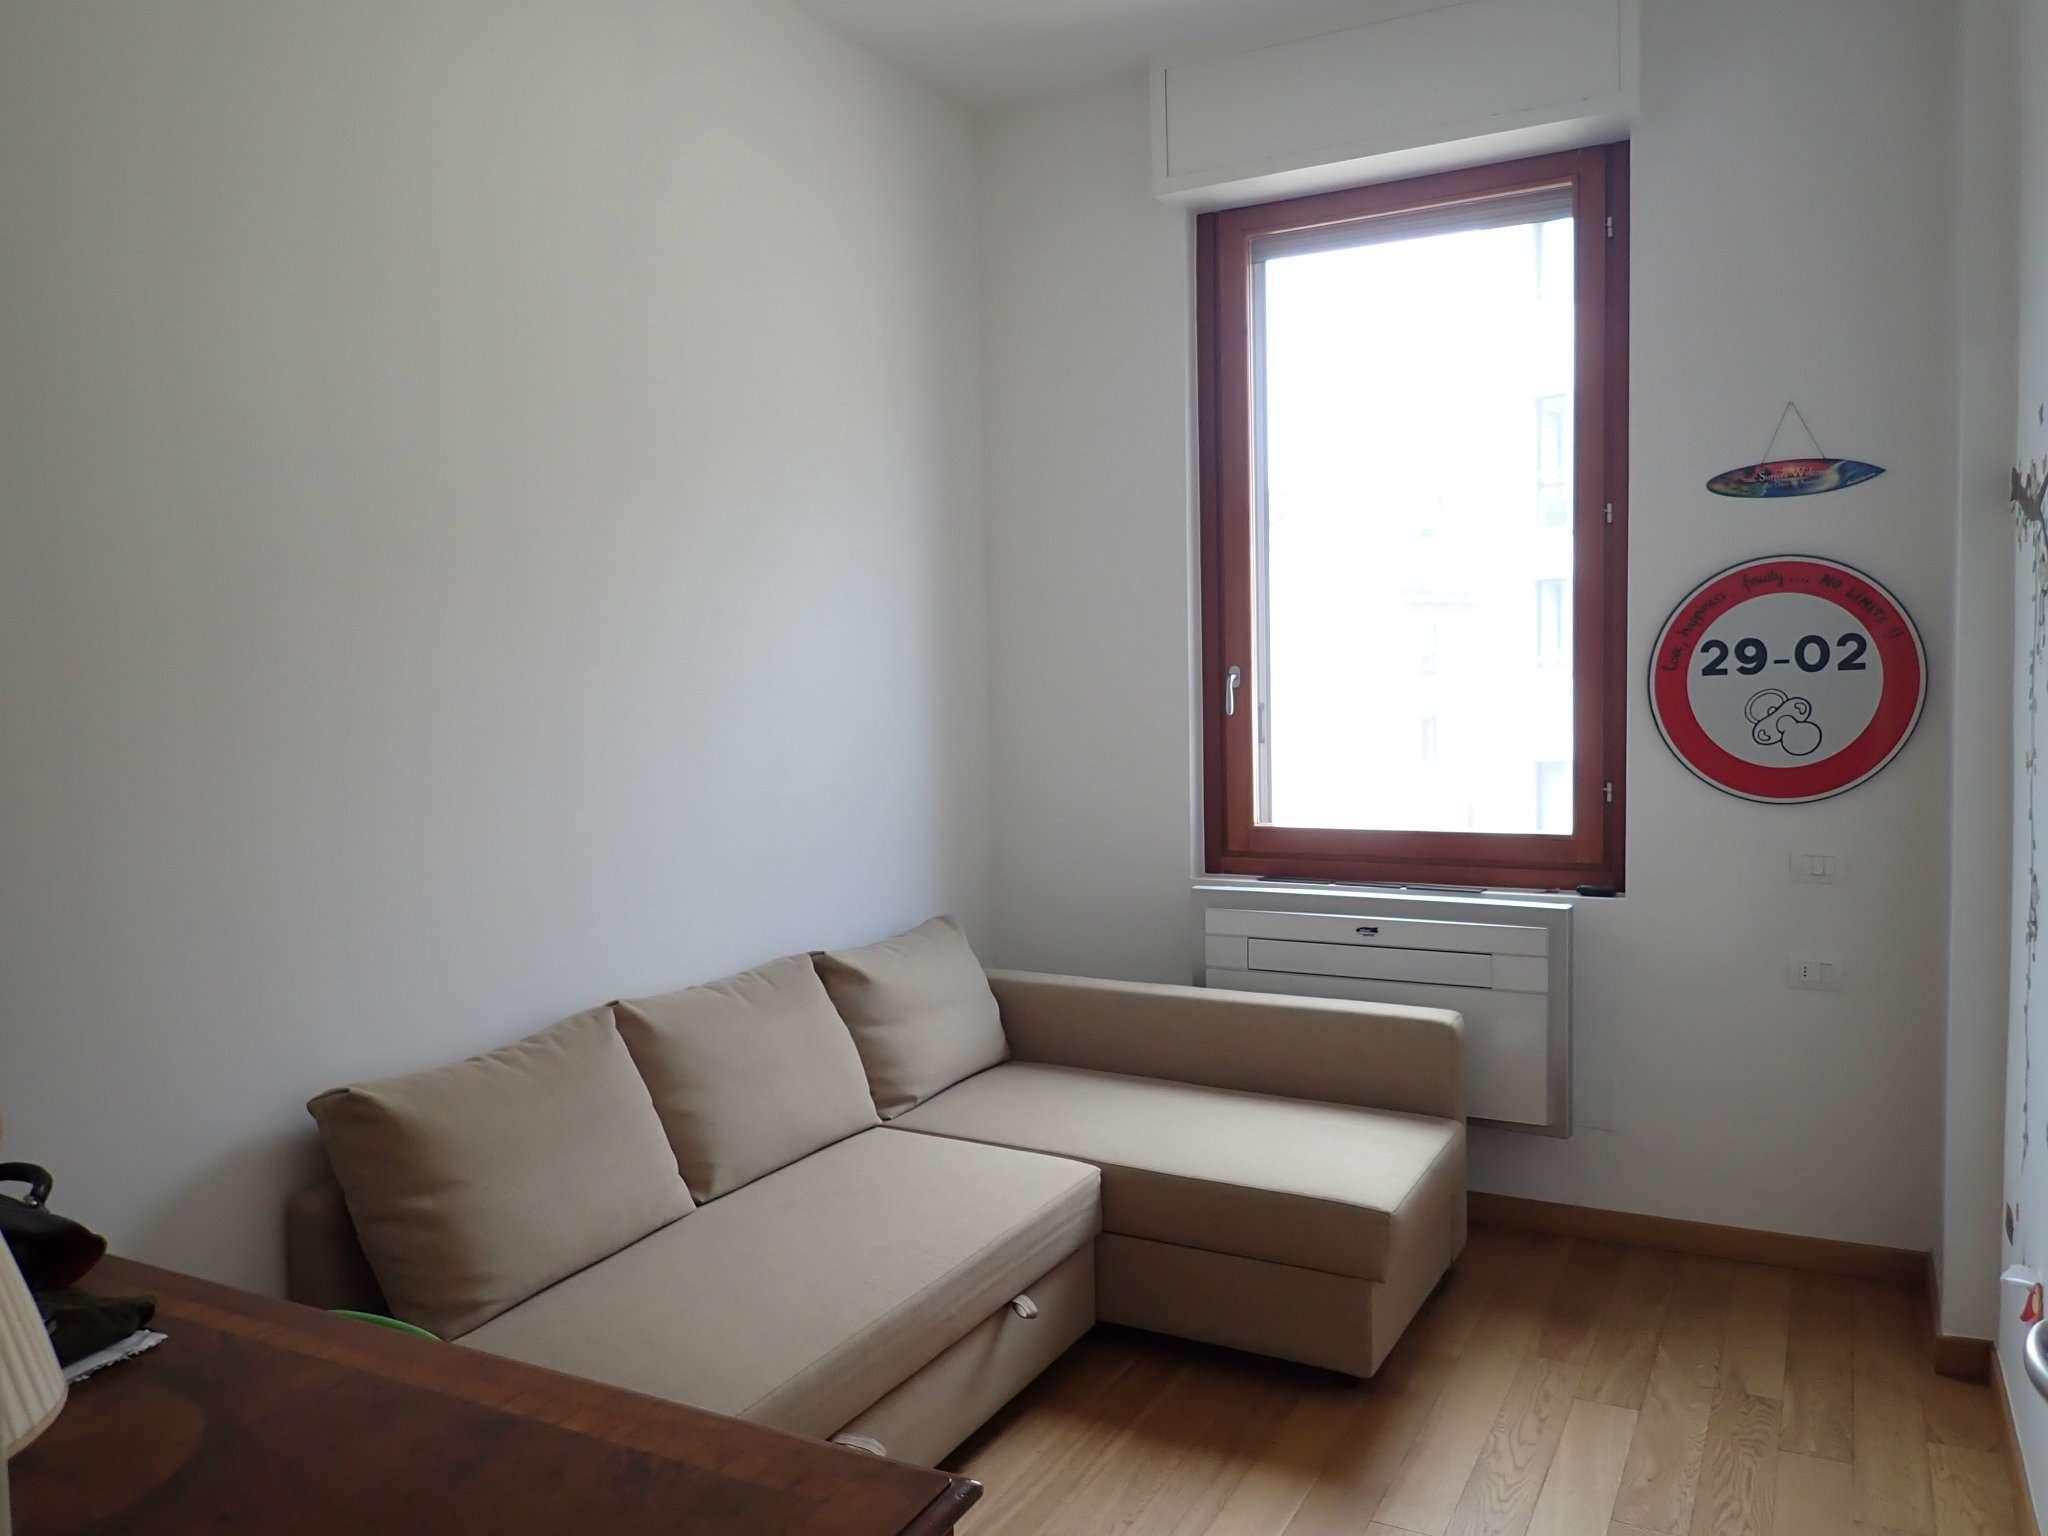 Appartamento in Vendita a Milano: 4 locali, 142 mq - Foto 19